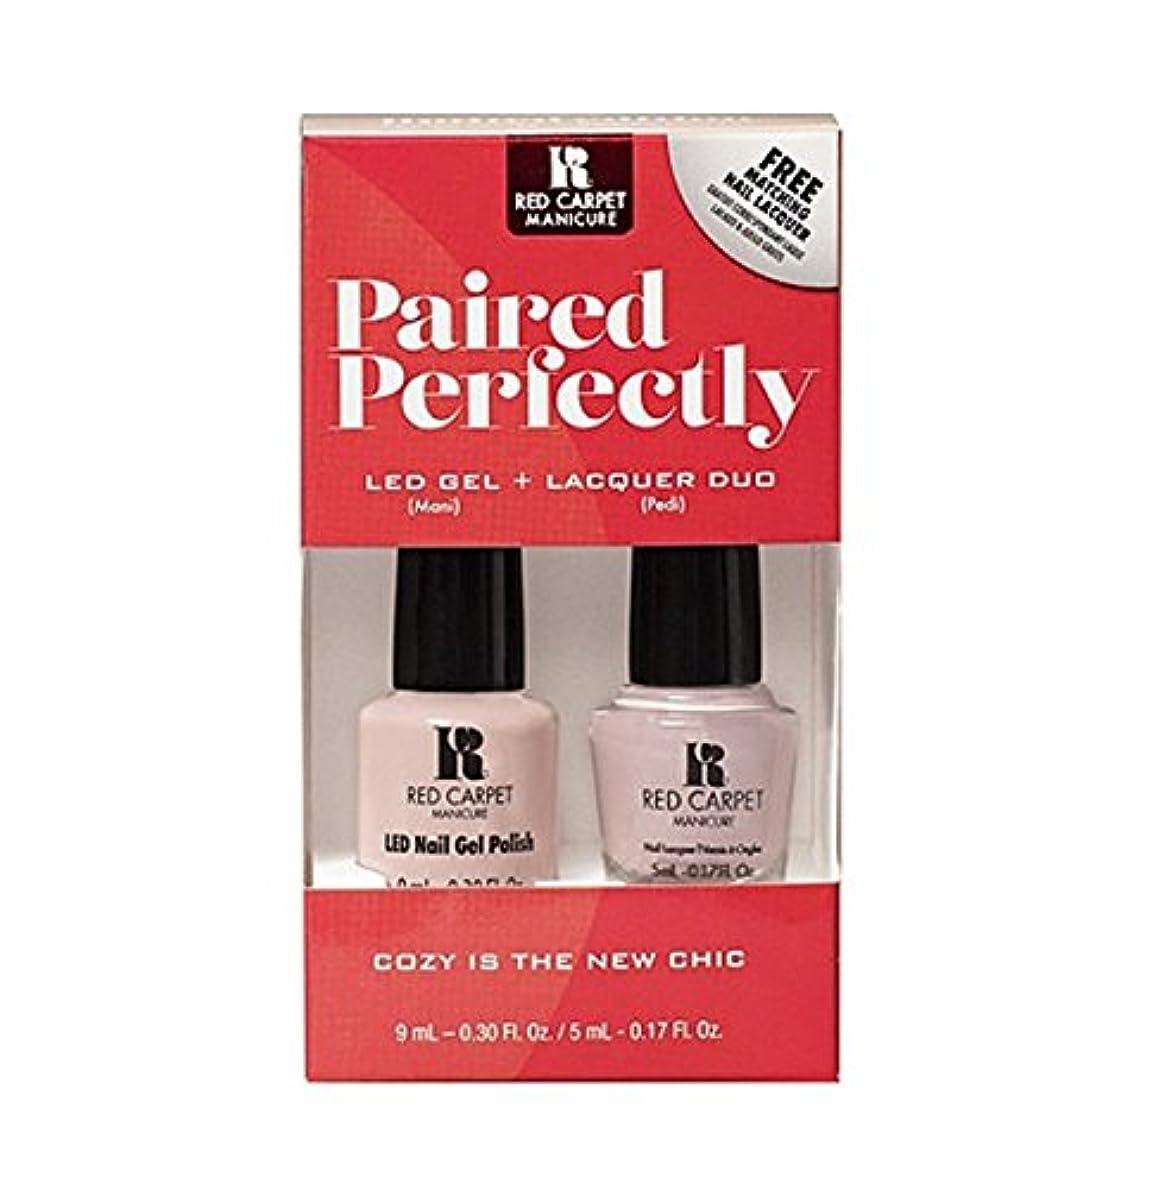 ボルト合併許容Red Carpet Manicure - Paired Perfectly GEL & Lacquer DUO - Cozy Is the New Chic